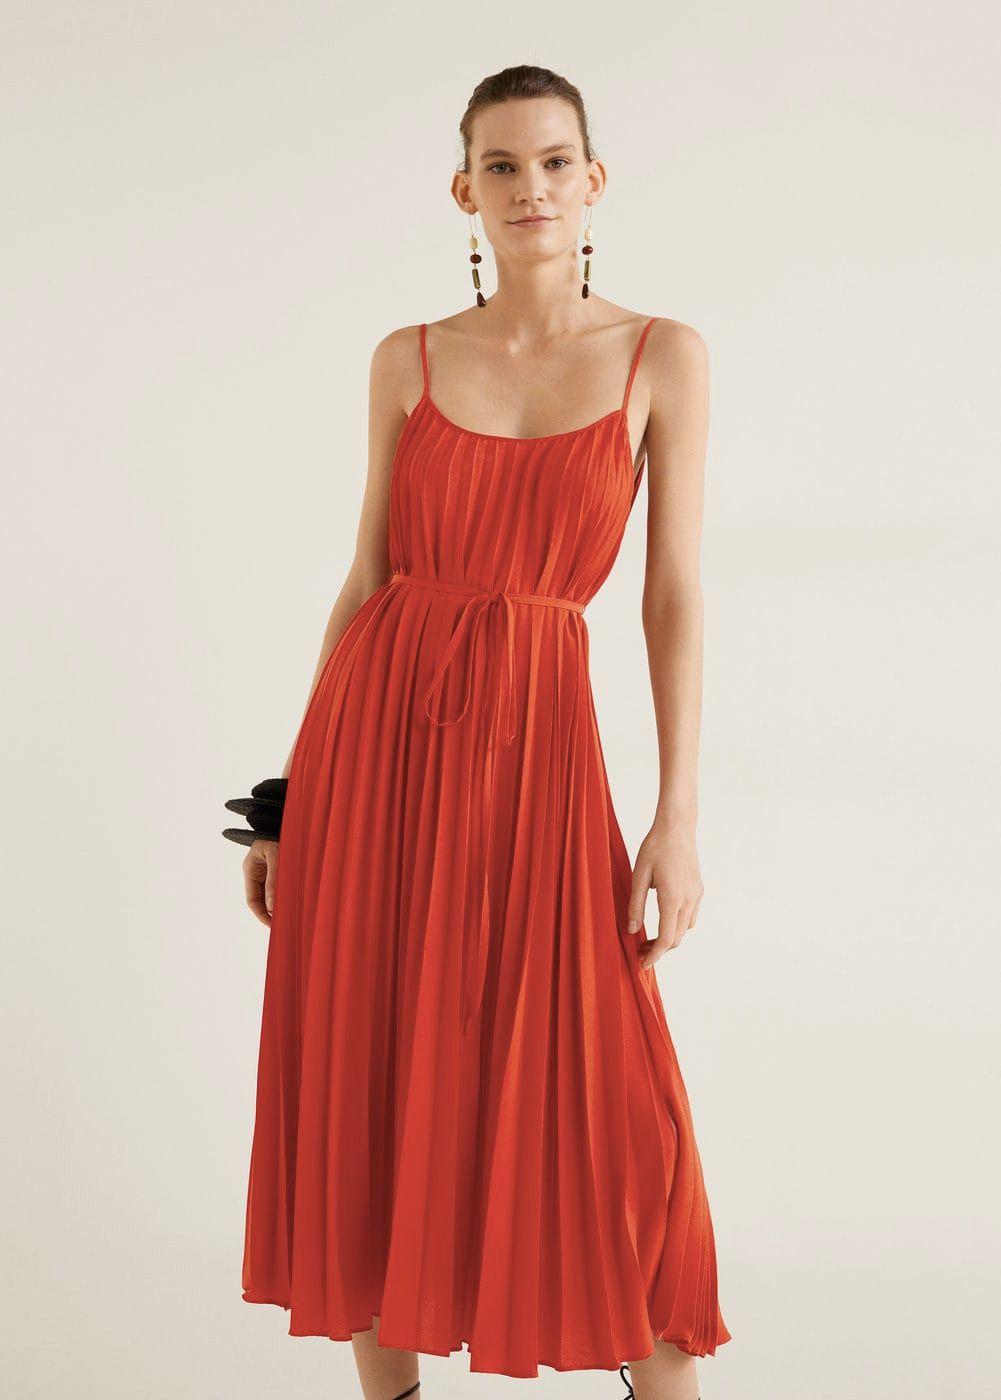 Vestidos y 'looks' de invitada de boda para ser la más guapa